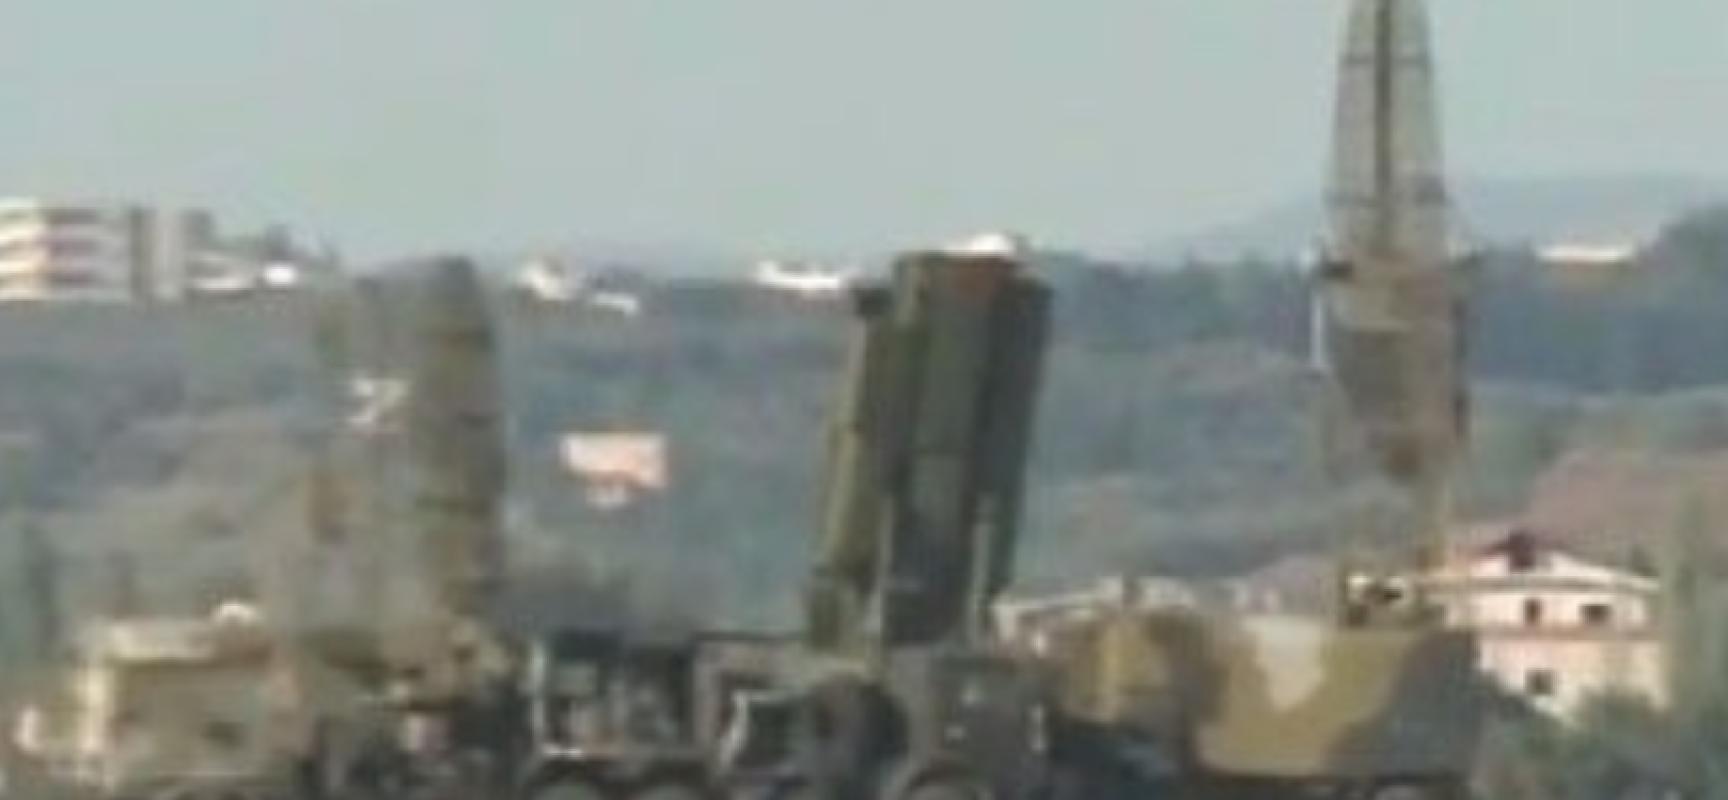 La Russie déploie des S-400 en Syrie